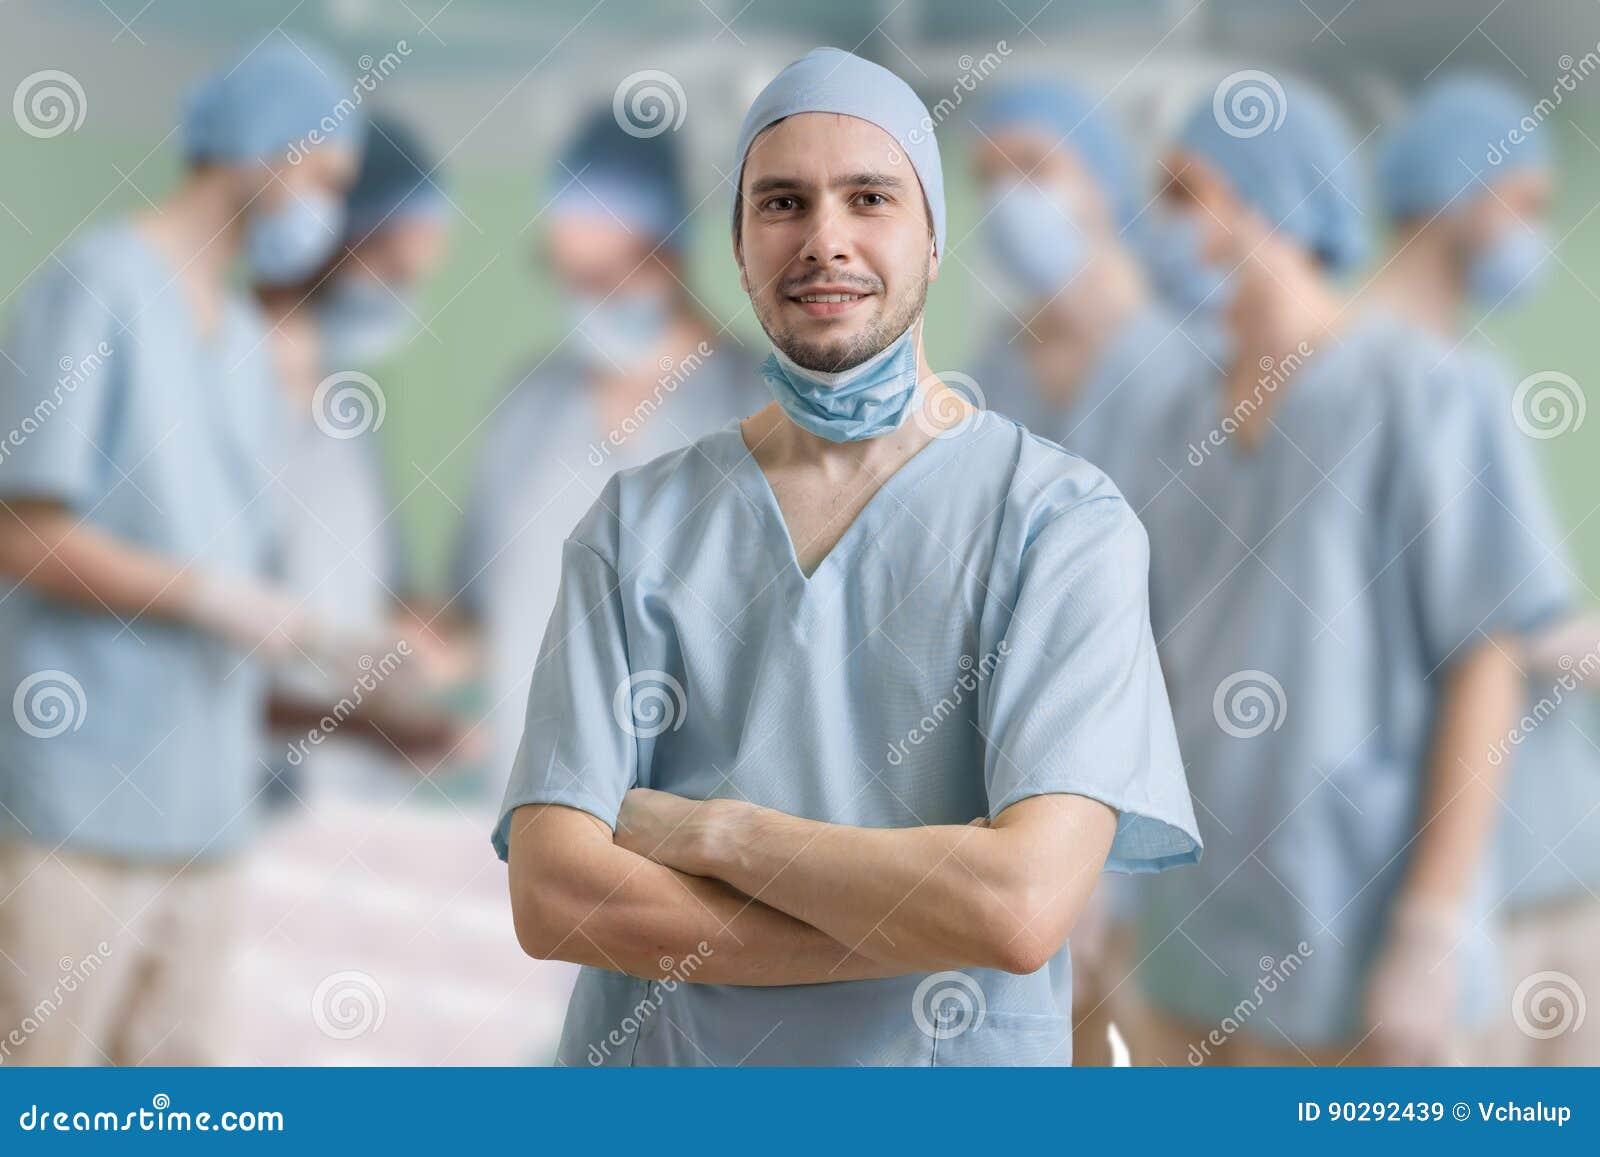 Ο χειρούργος χαμογελά μετά από την επιτυχή λειτουργία ενός ασθενή